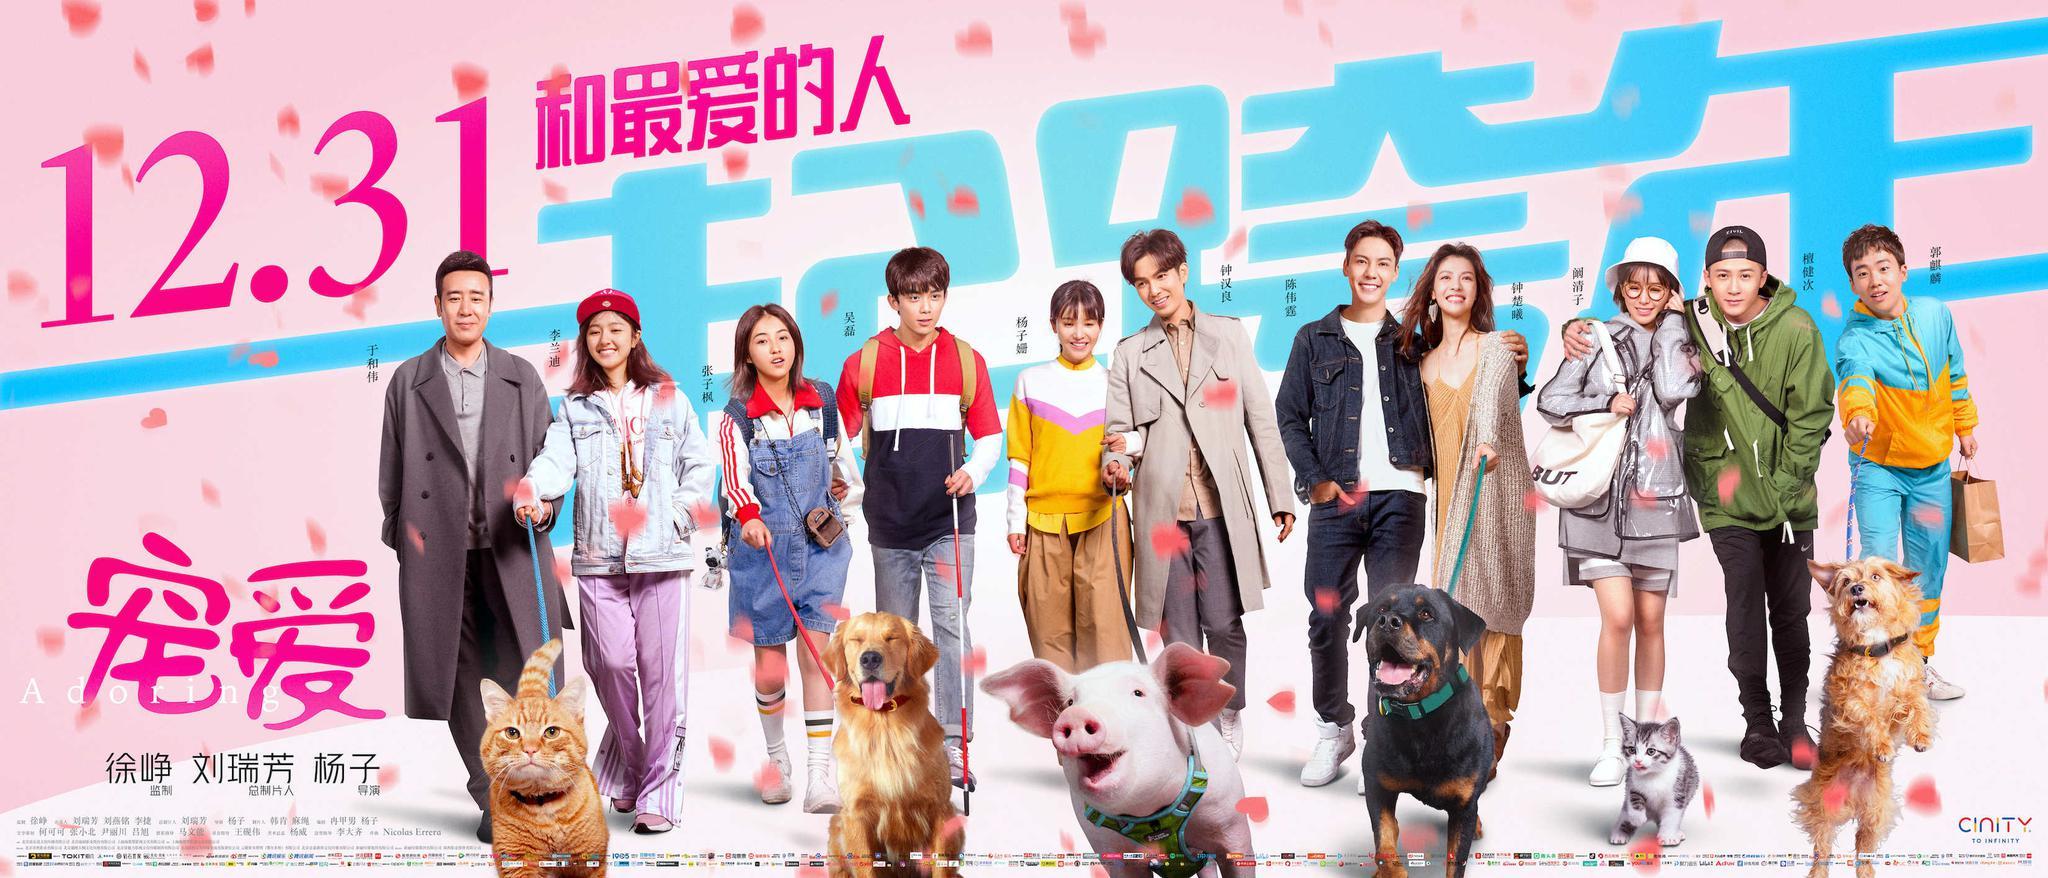 电影《宠爱》同名主题曲MV上线 十位主演献唱甜度爆表